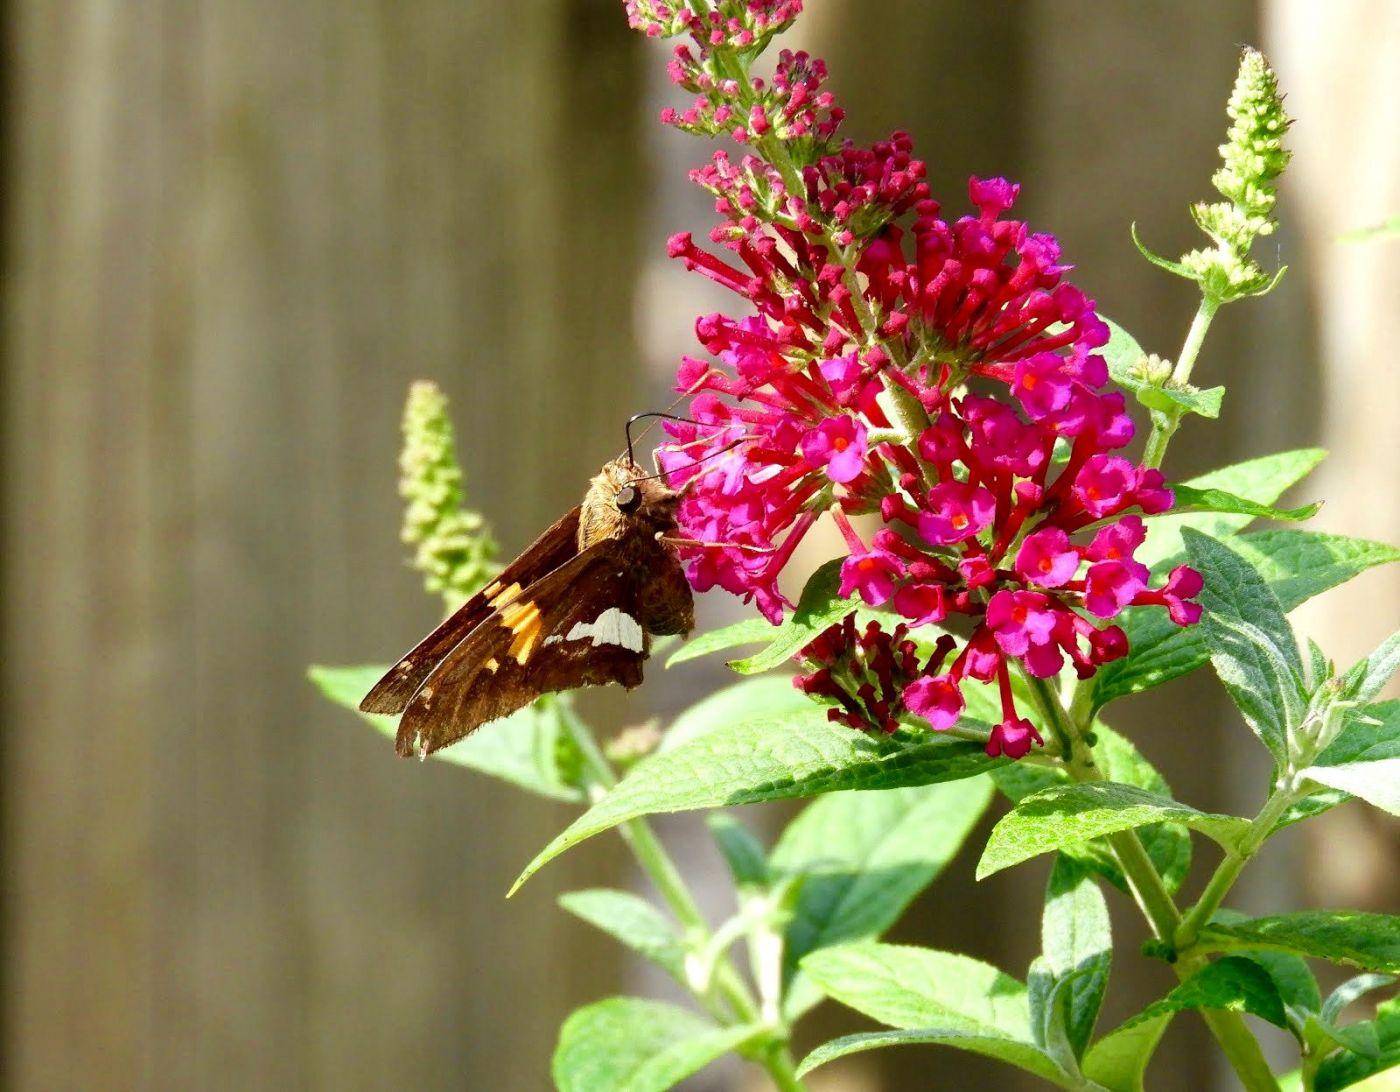 赫尔希花园看蝴蝶_图1-27